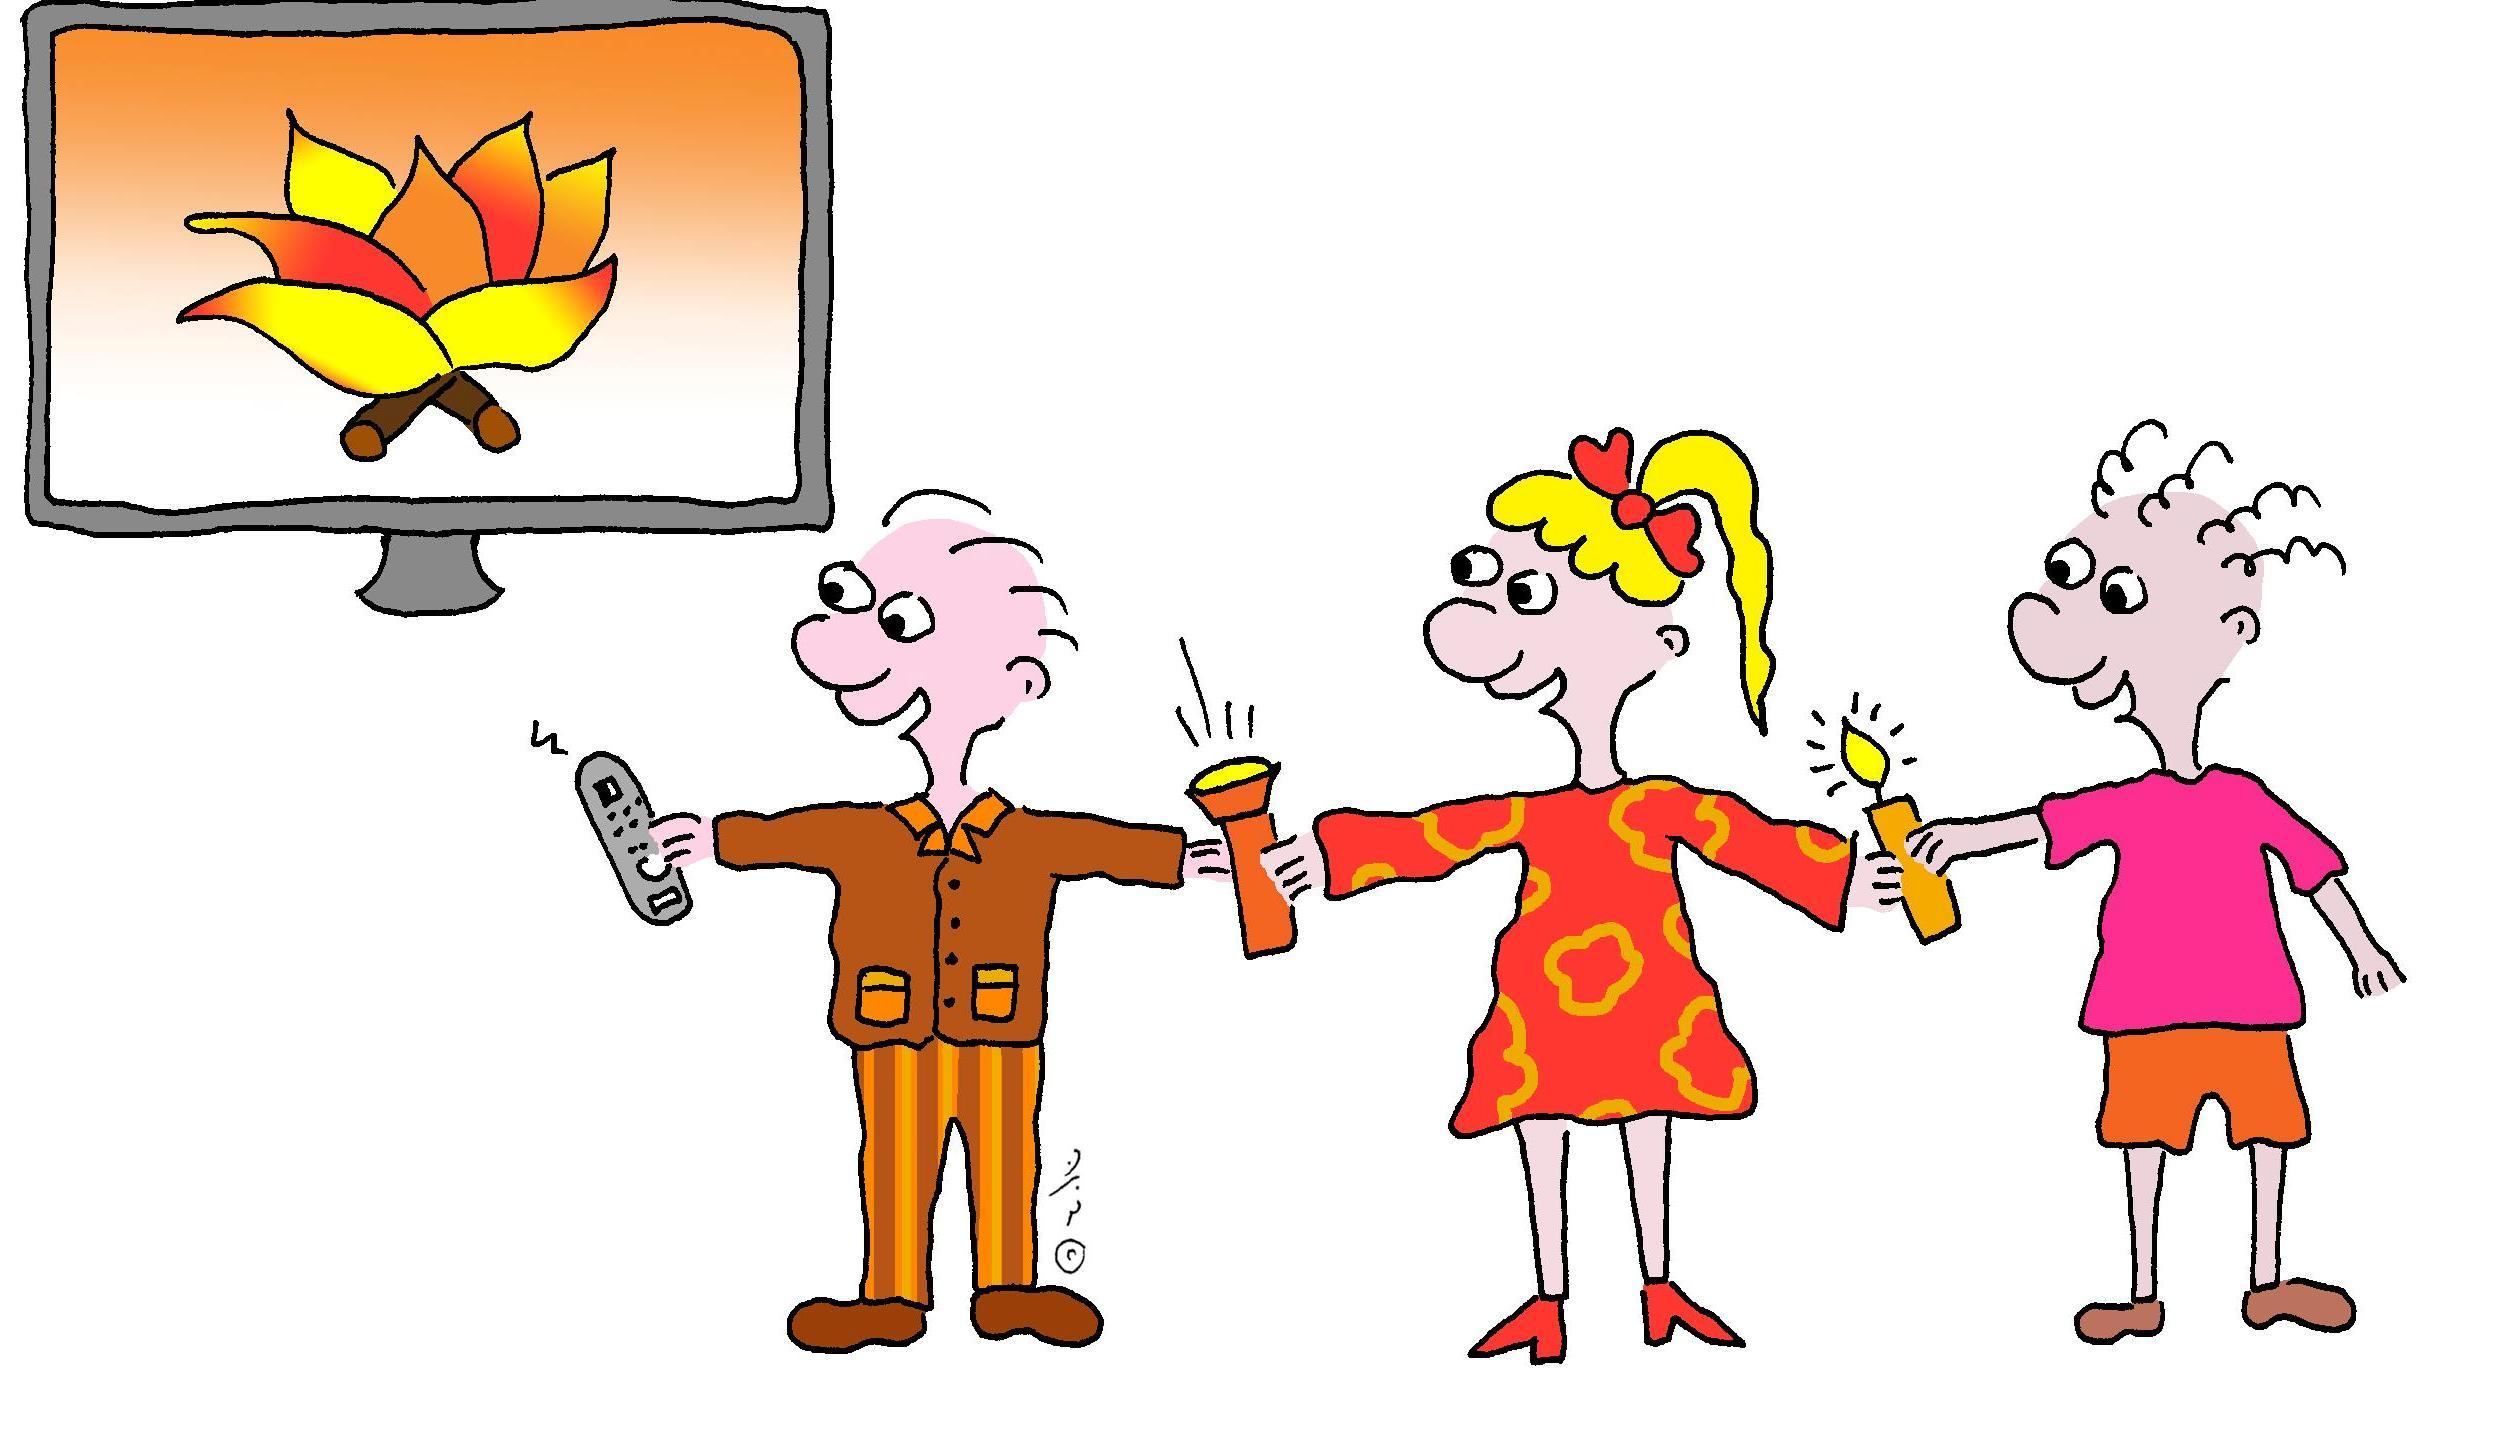 איור של ילדים אוחזים בפנס, נר ושלט טלוויזיה - שונות של אש